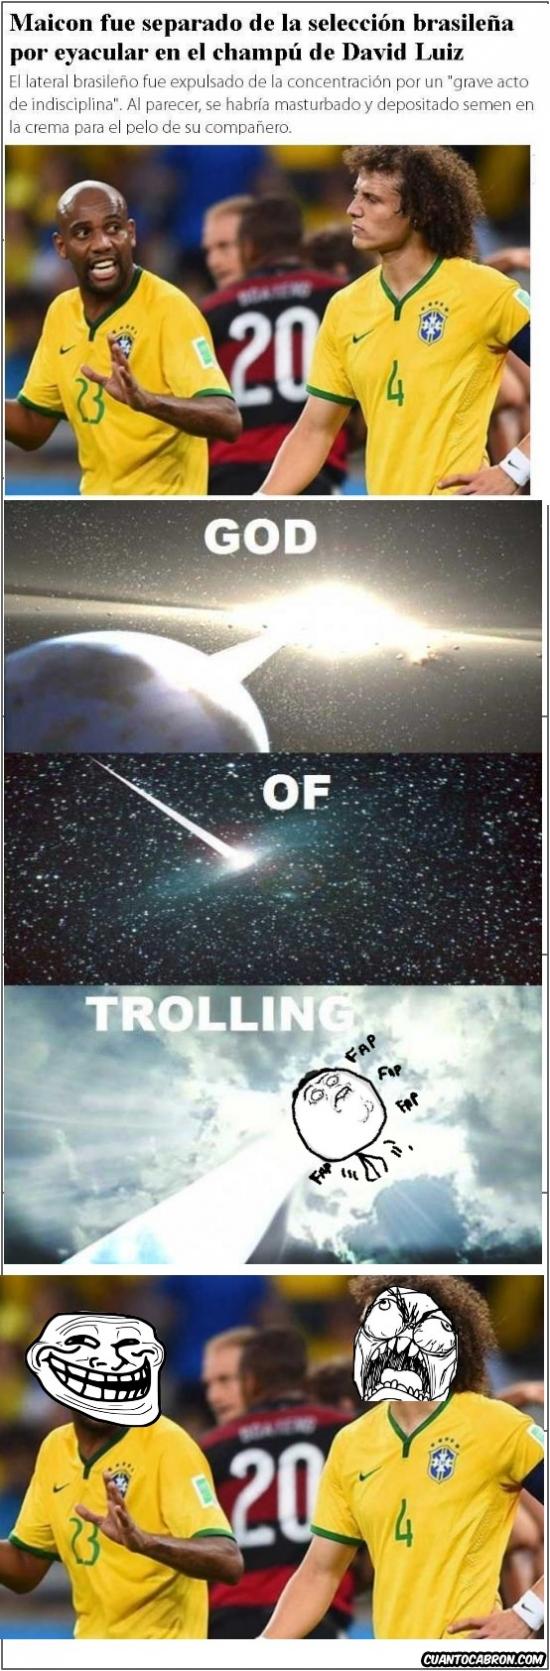 Trollface - Uno no puede estar tranquilo sin trolls ni en su propio vestuario